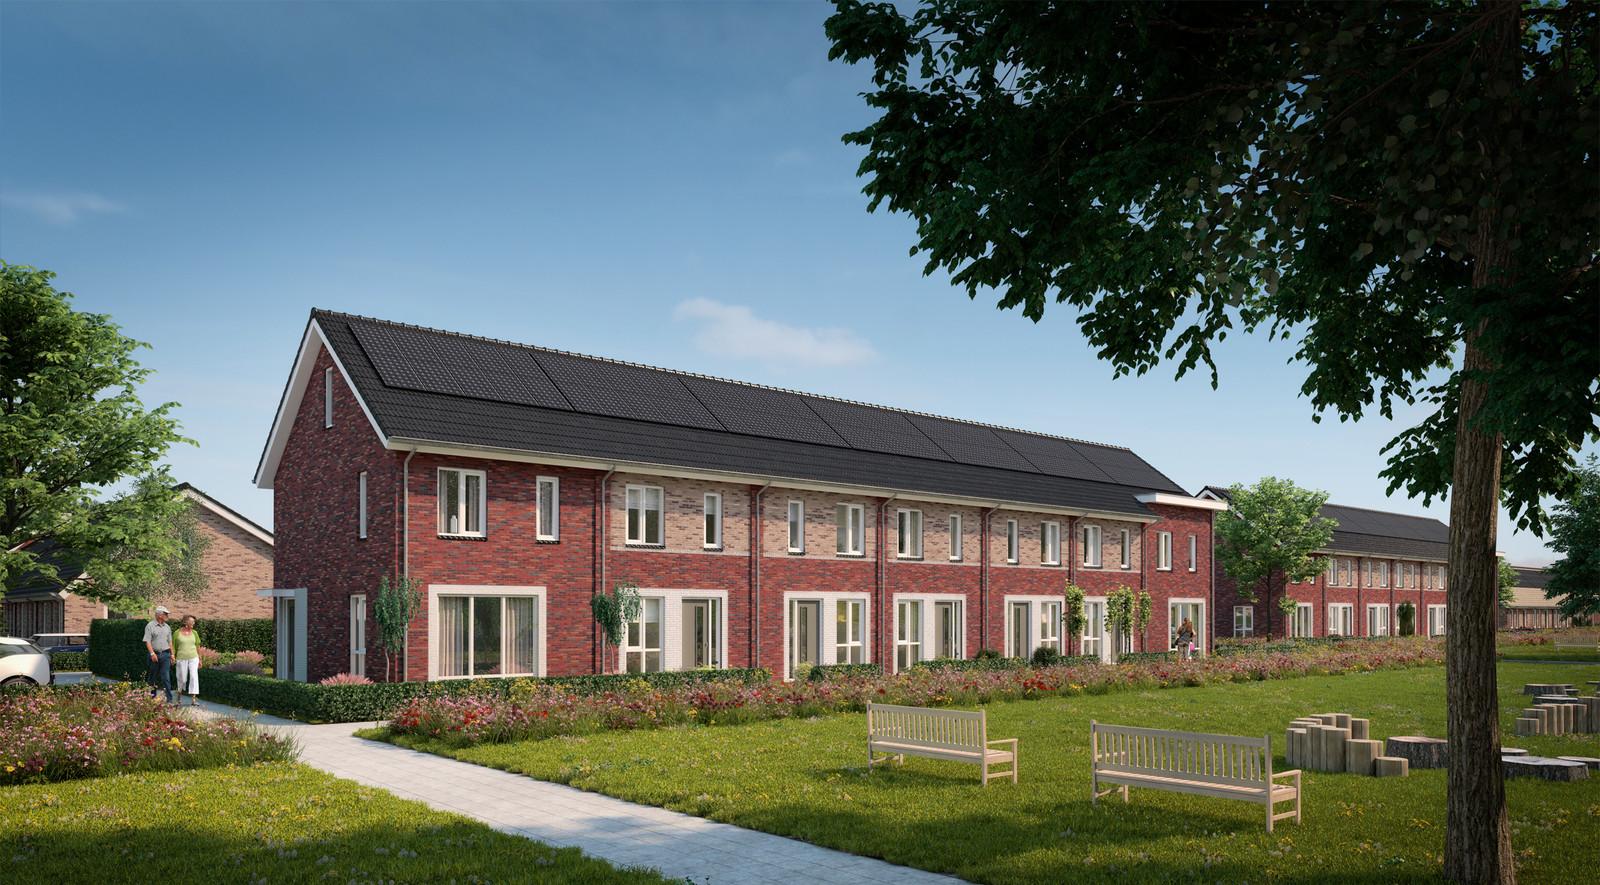 De eengezinswoningen die in de Bloemenbuurt in Doesburg worden gebouwd.